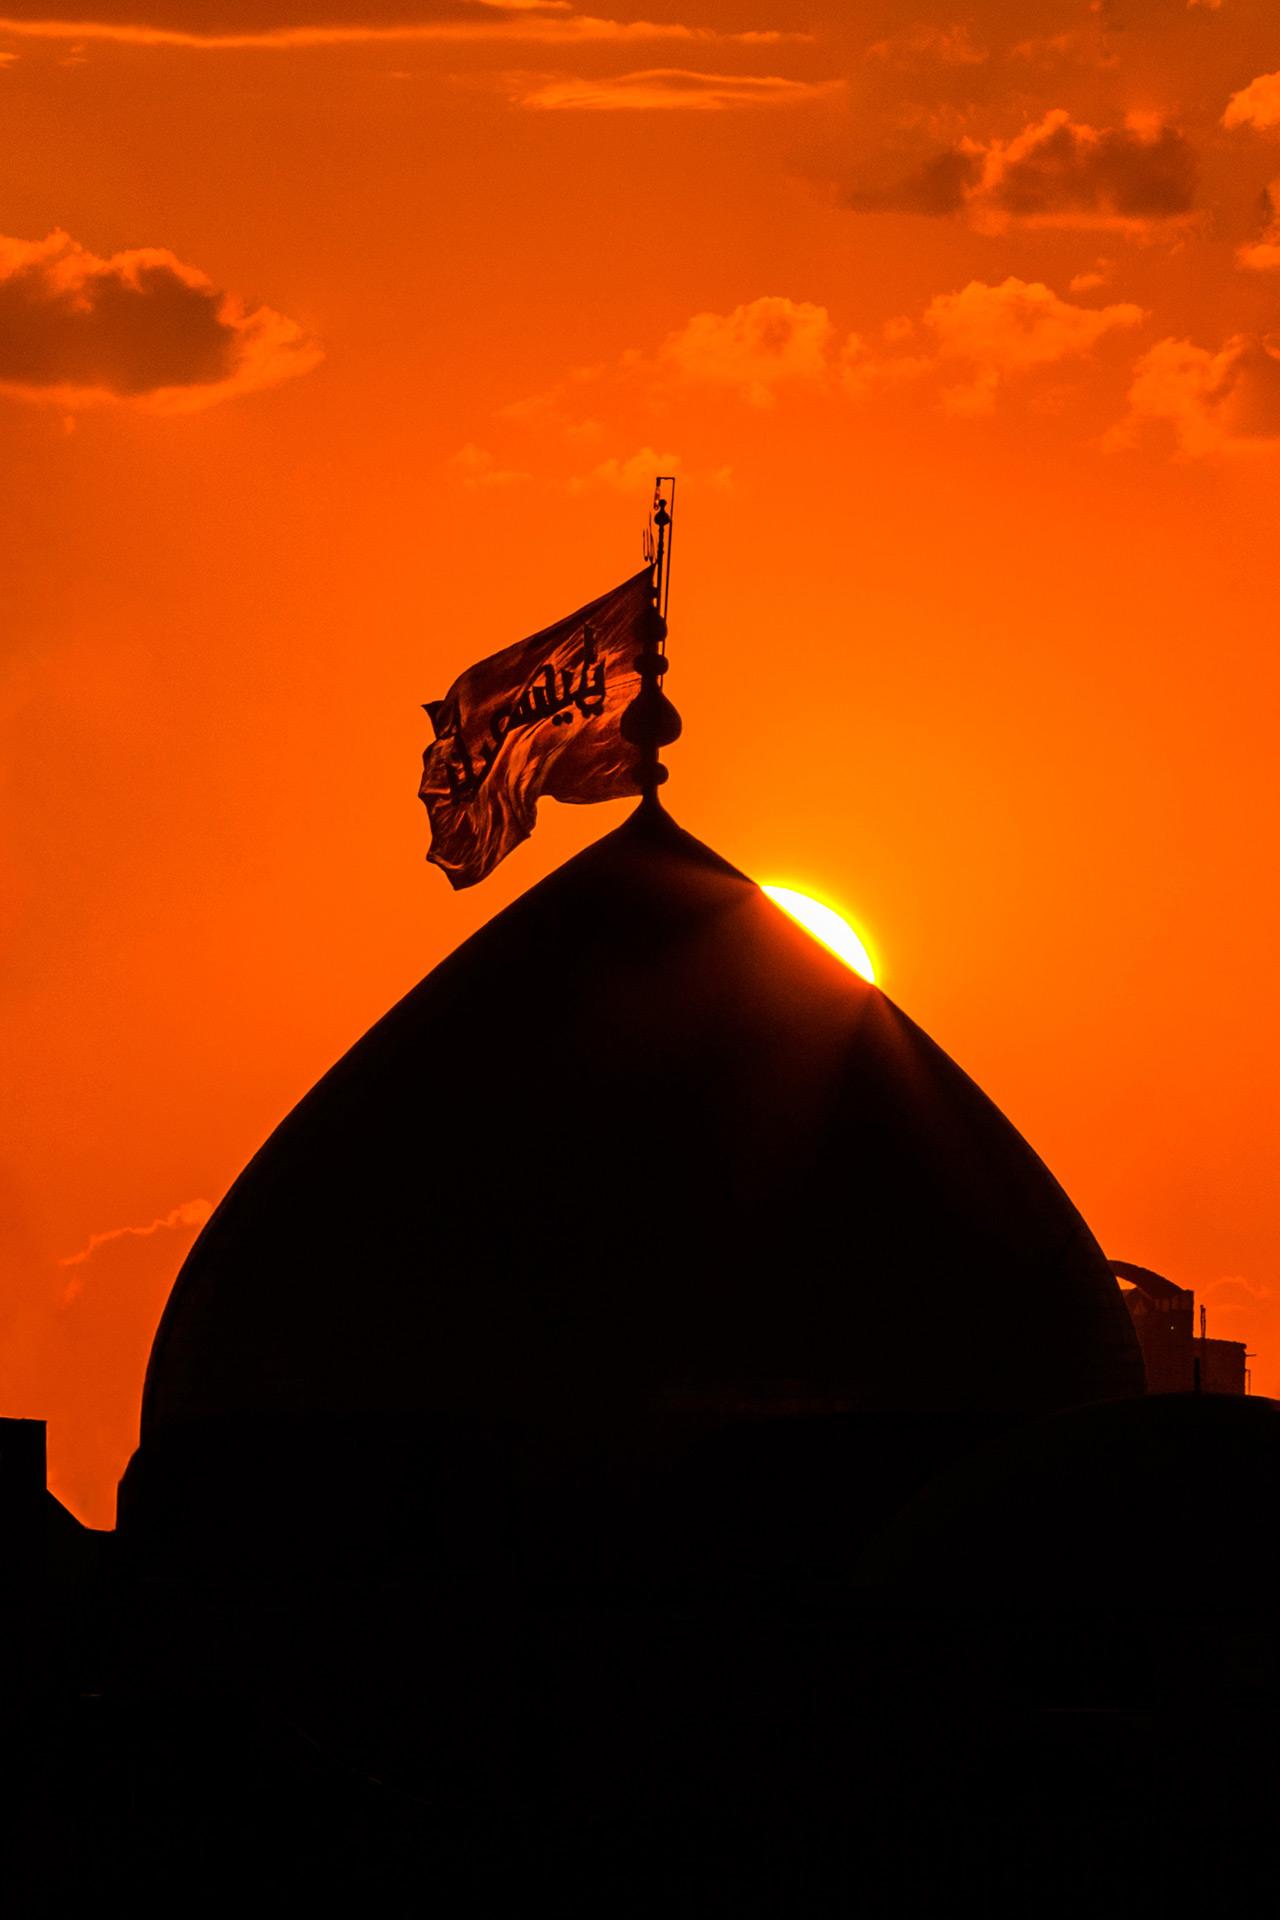 تصاویر زیبا از غروب آسمان حرم امام حسین (ع)